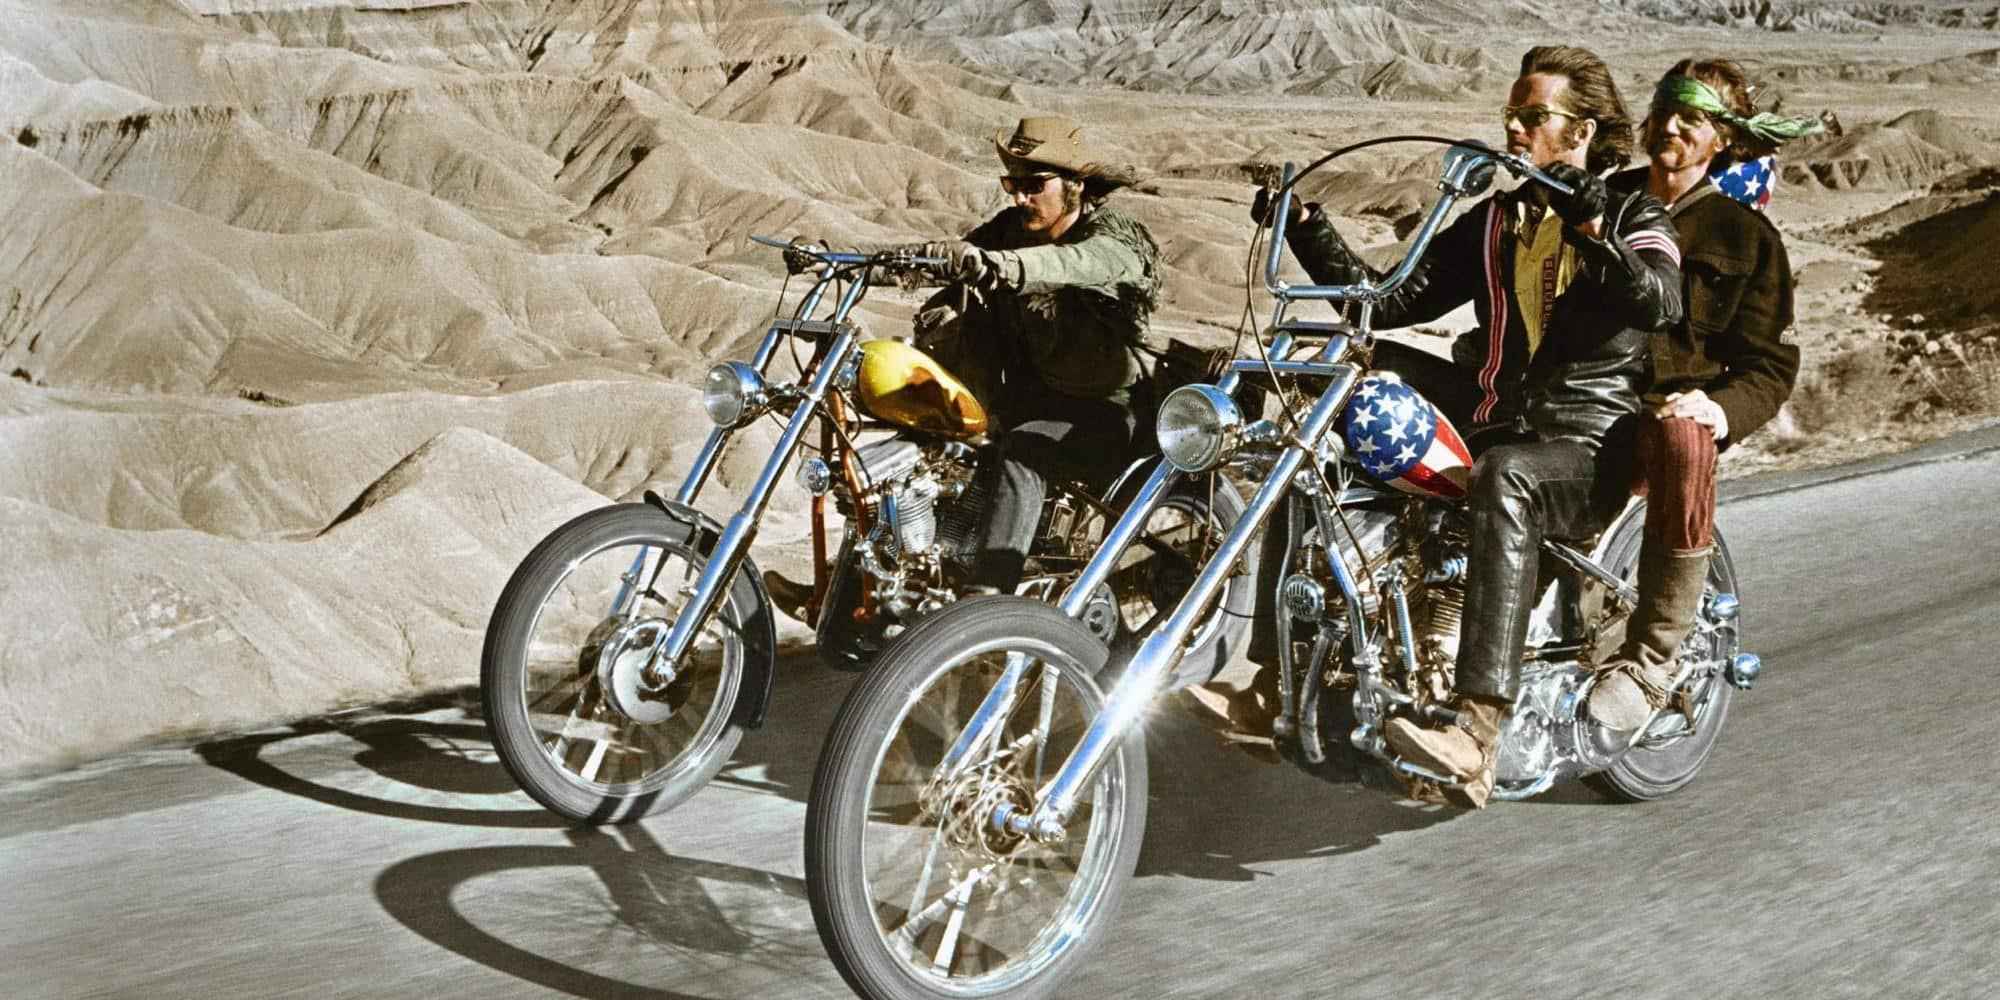 peliculas-culto-60-easy-rider